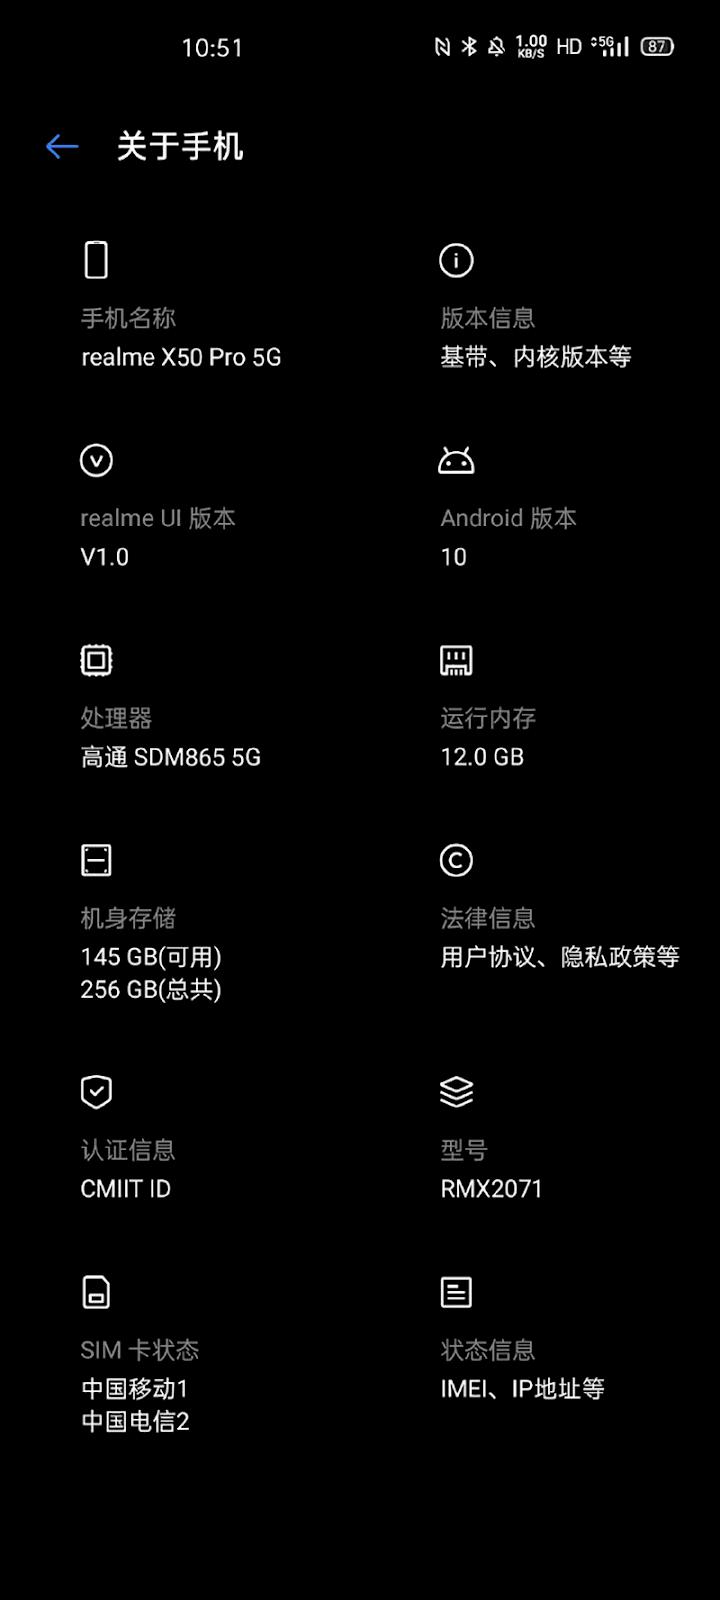 realme X50 Pro 5G specs